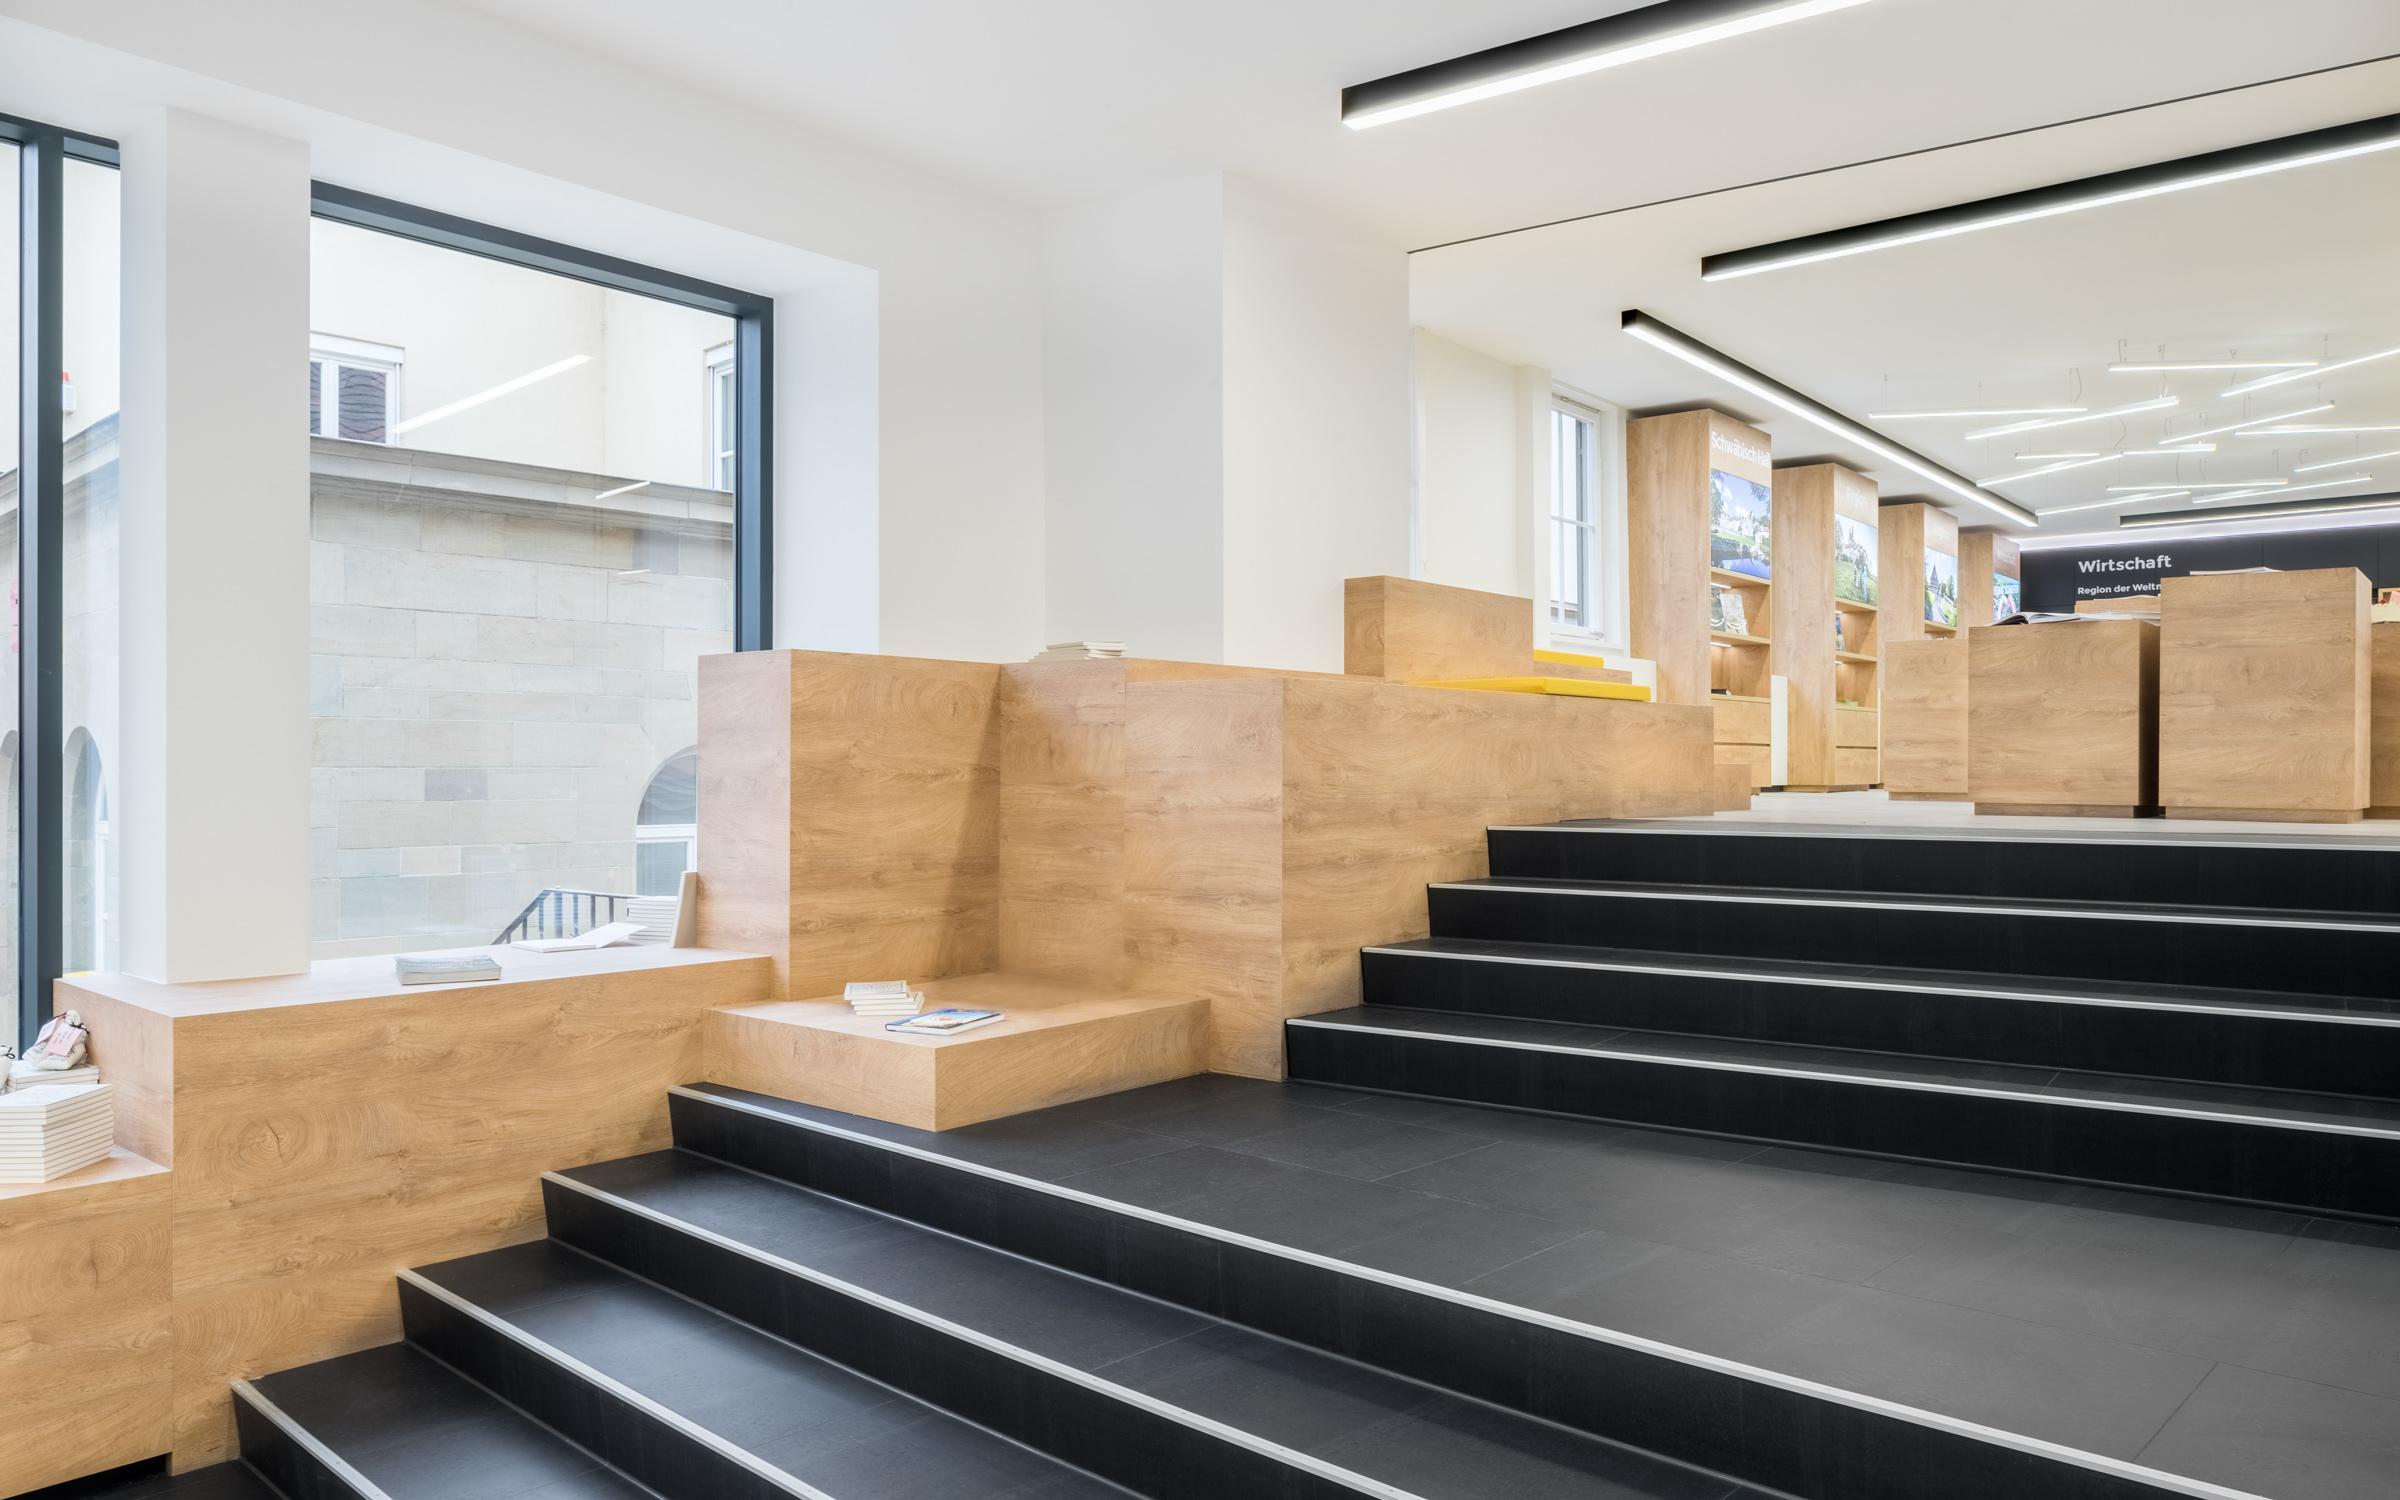 touristinformation schw bisch hall dia dittel architekten. Black Bedroom Furniture Sets. Home Design Ideas